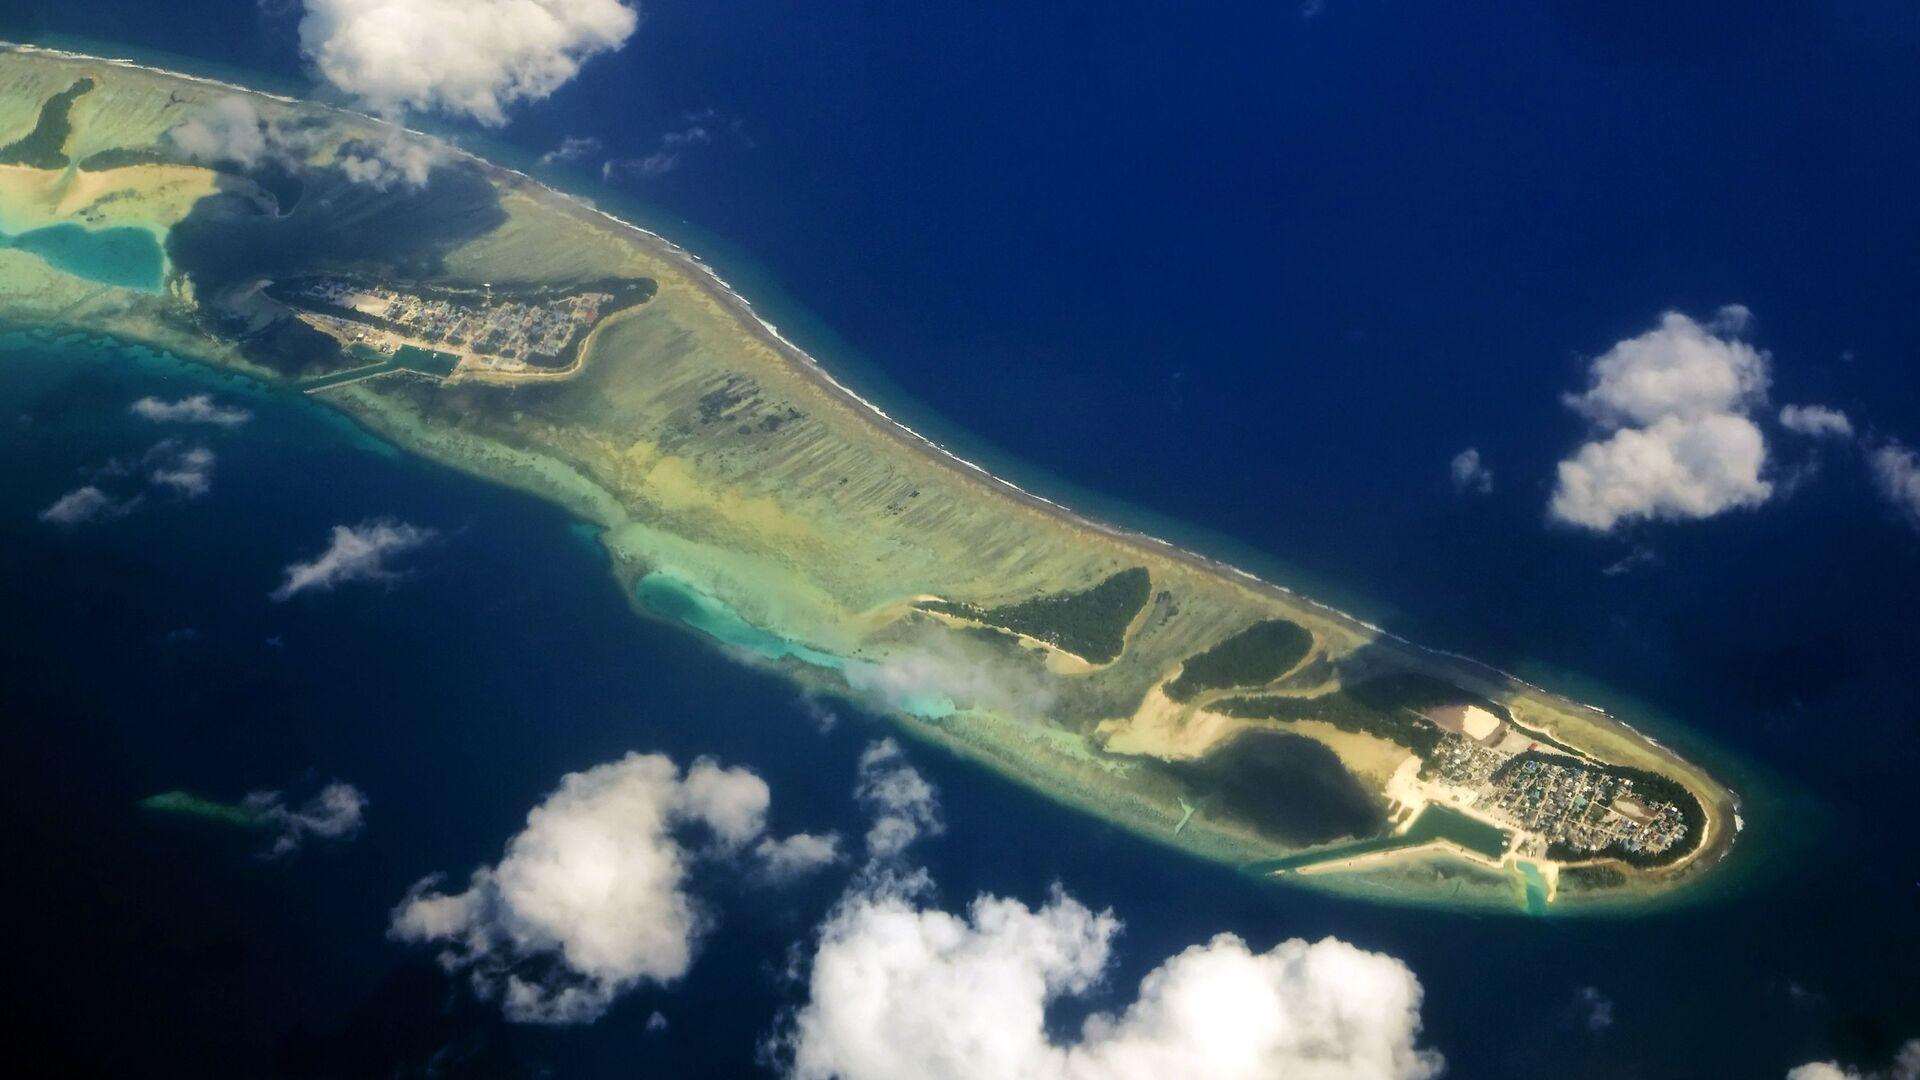 Мальдивские острова - РИА Новости, 1920, 05.09.2020